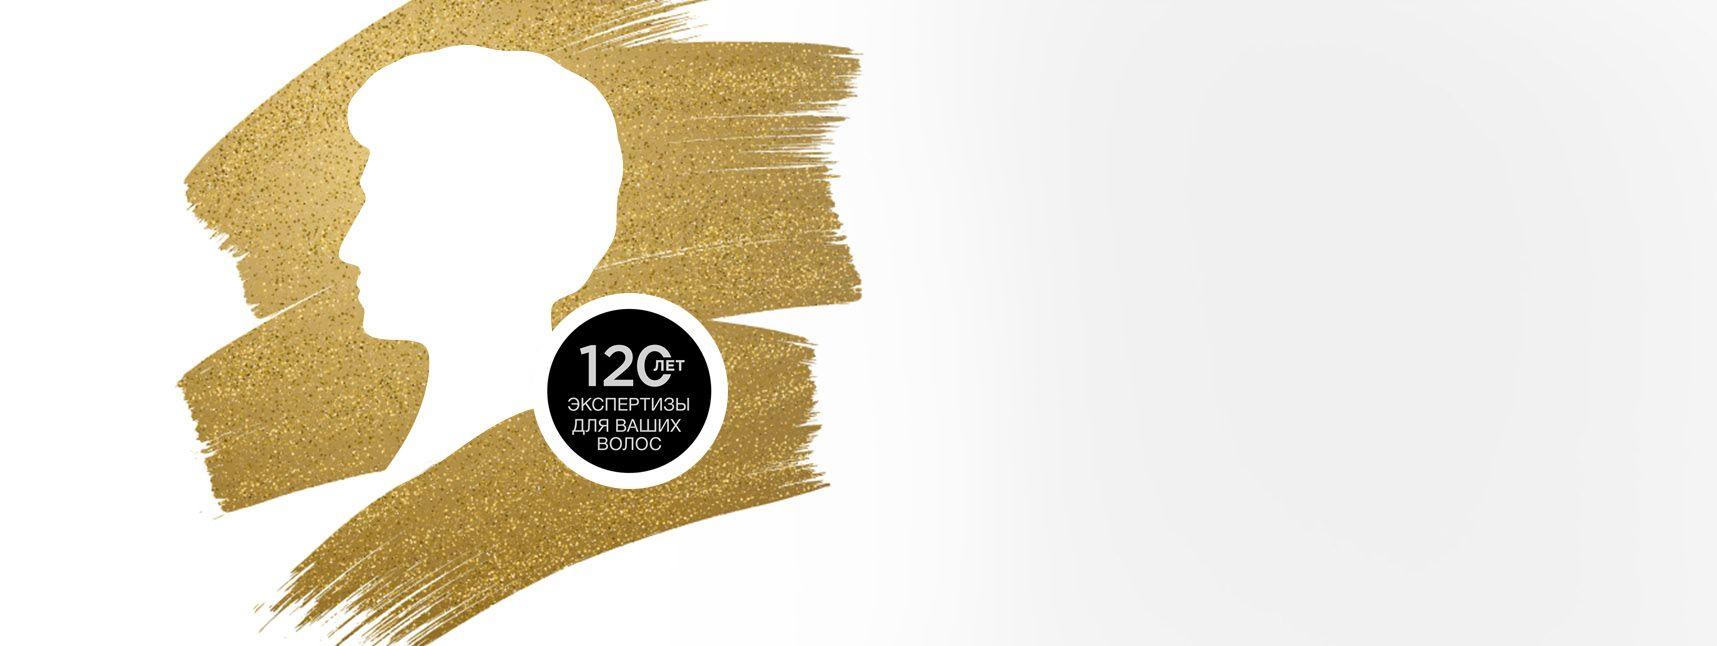 Schwarzkopf: 120 лет экспертизы для ваших волос